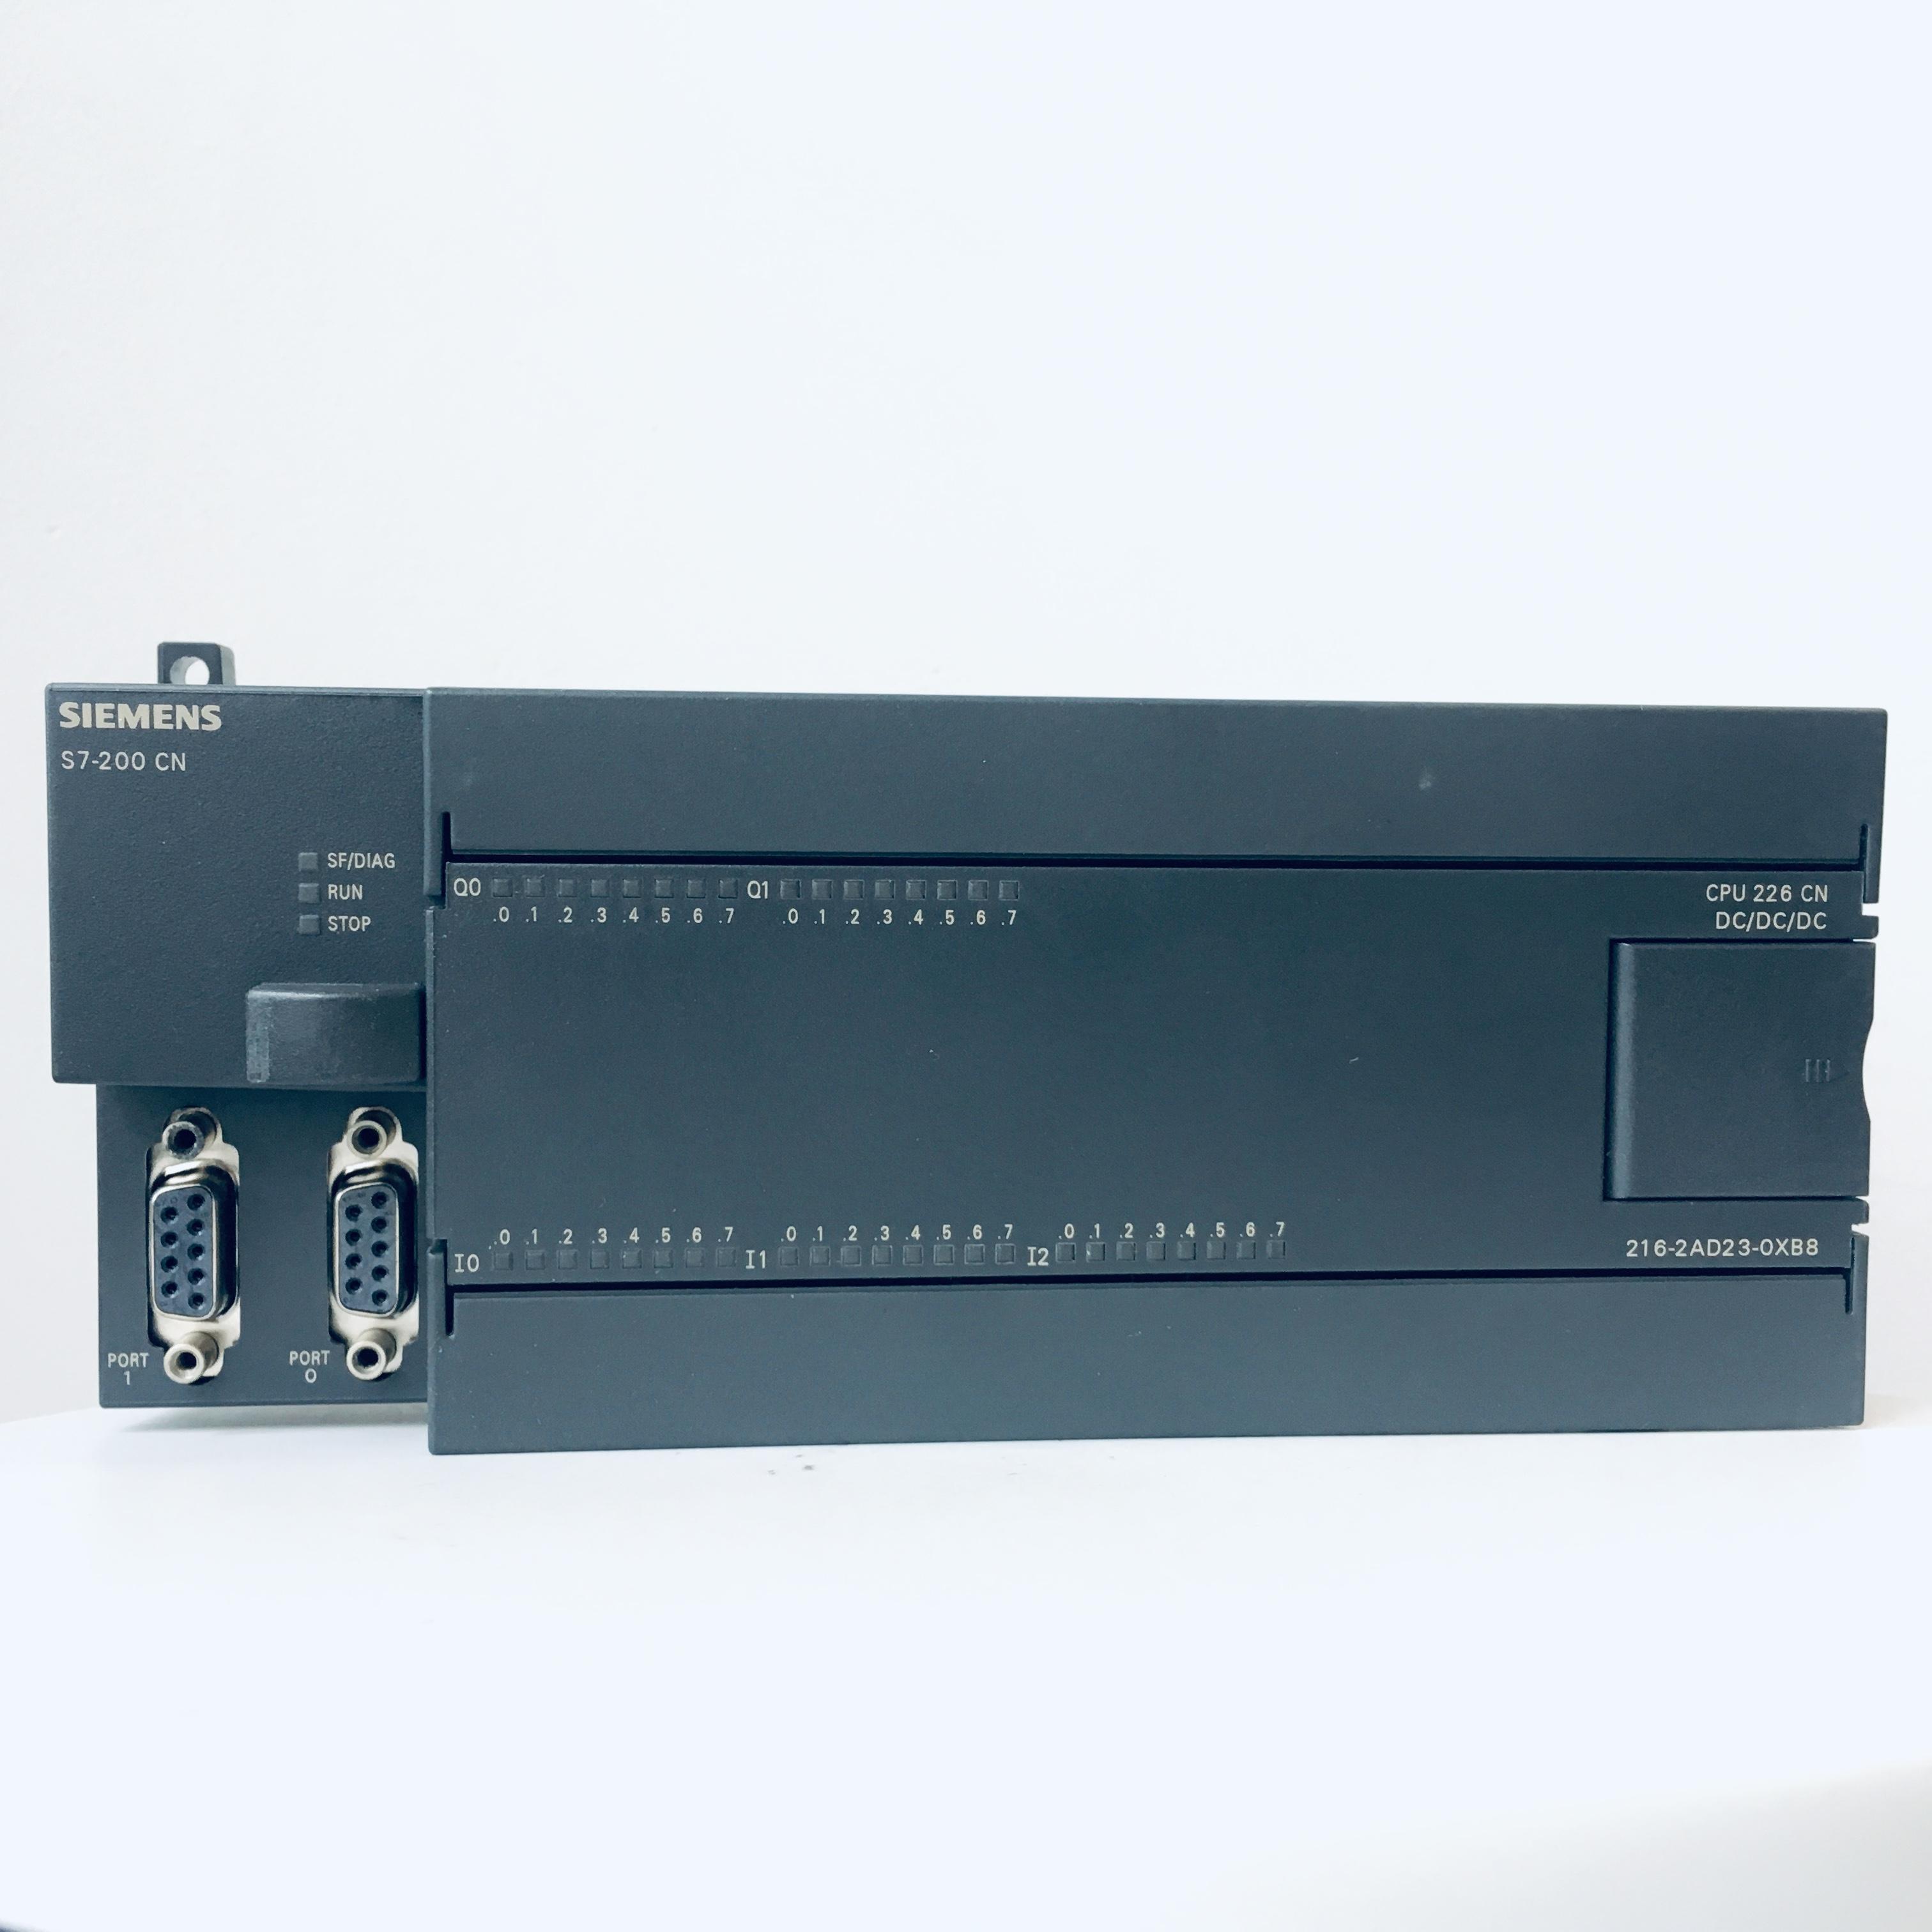 Обзор контроллеров siemens simatic s7-1200